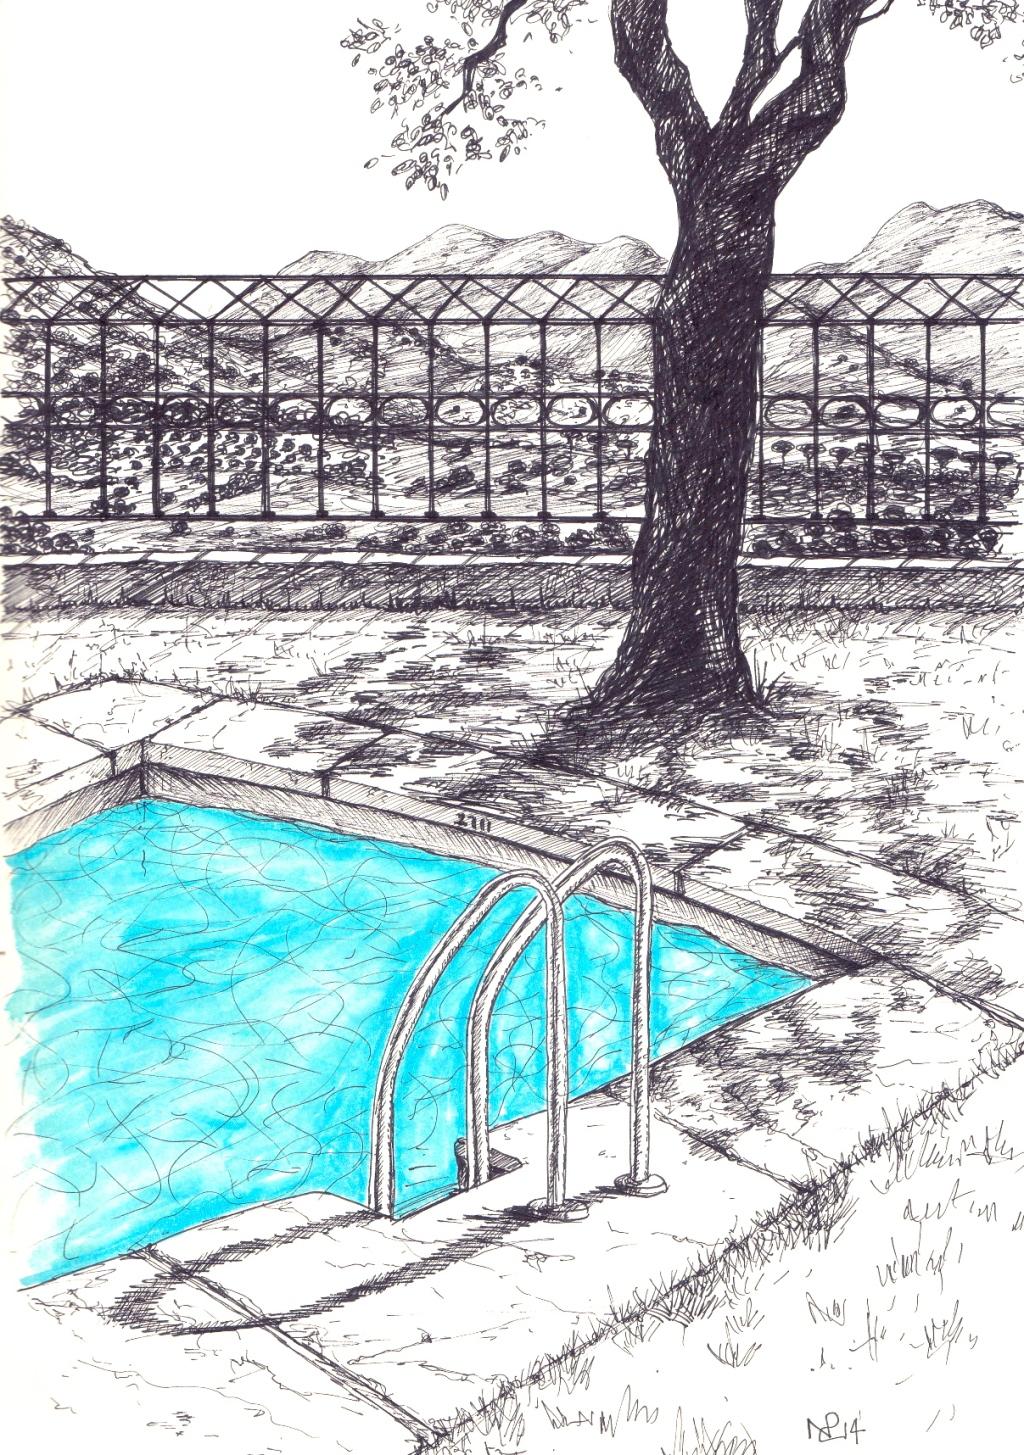 Ronda Sketch 3 - Paradores Pool (2014 © Nicholas de Lacy-Brown, pen and ink on paper)